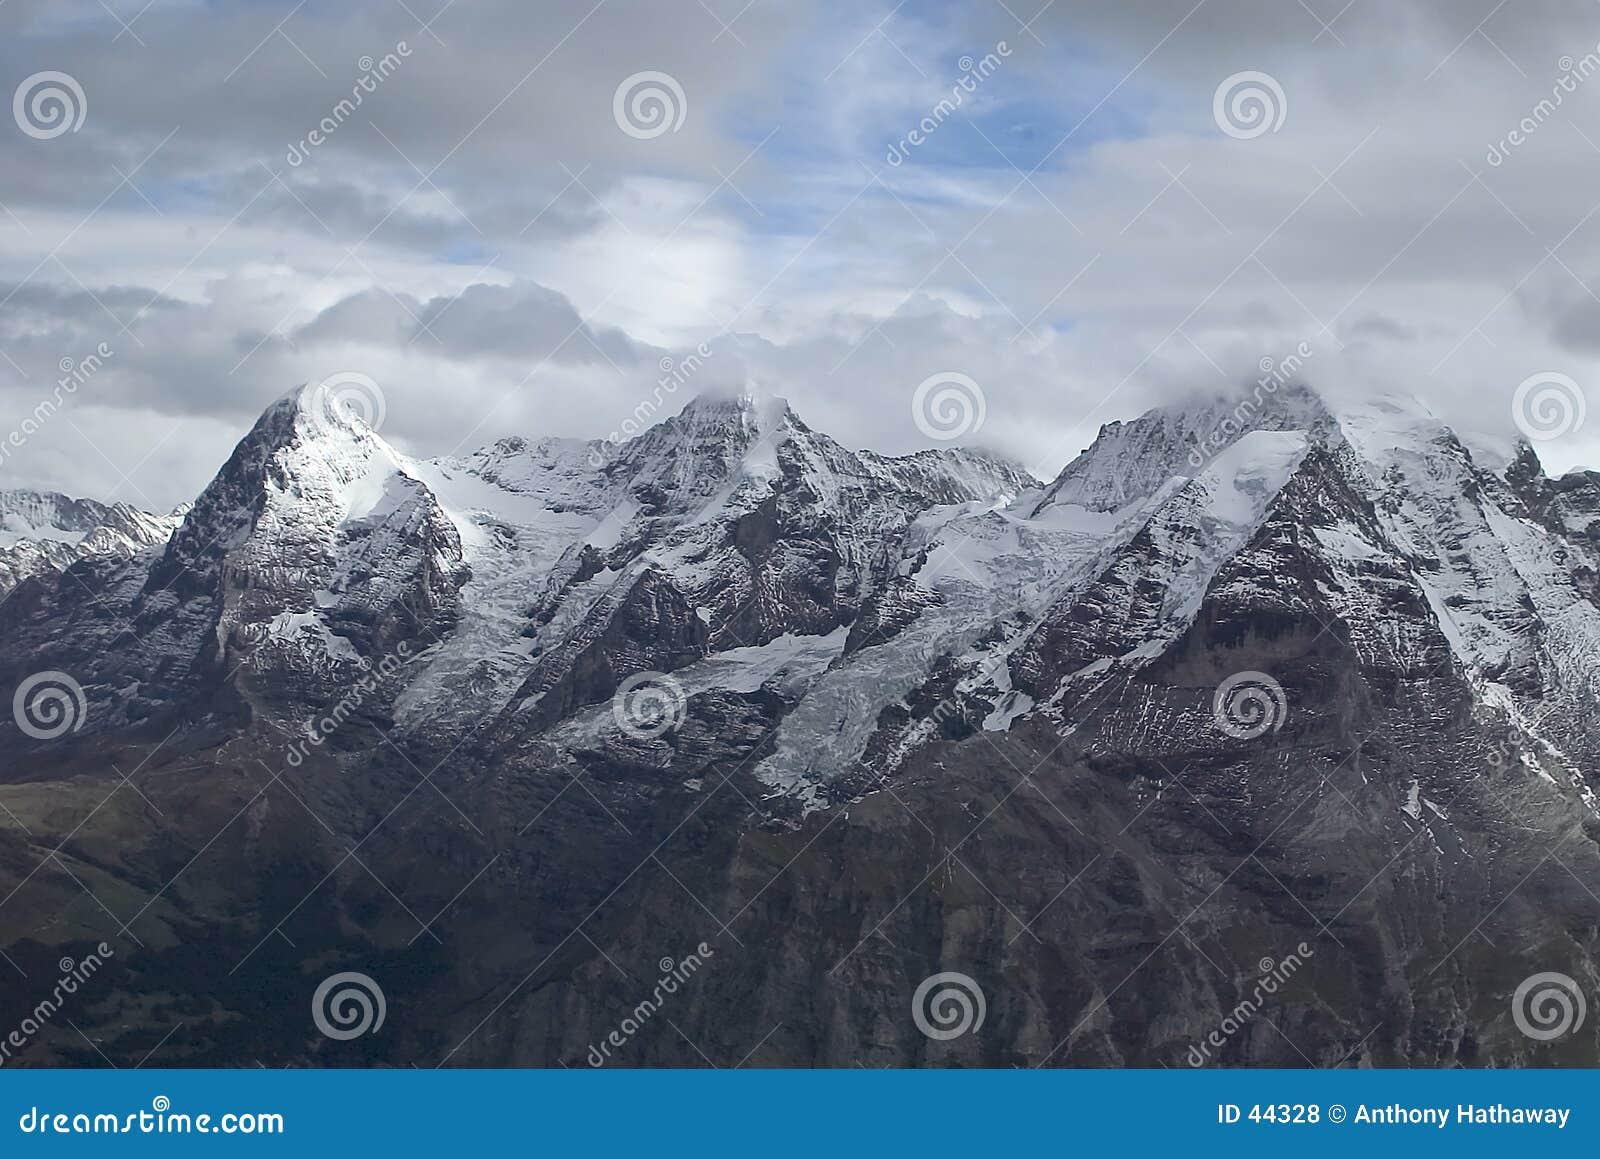 Montagnes alpestres